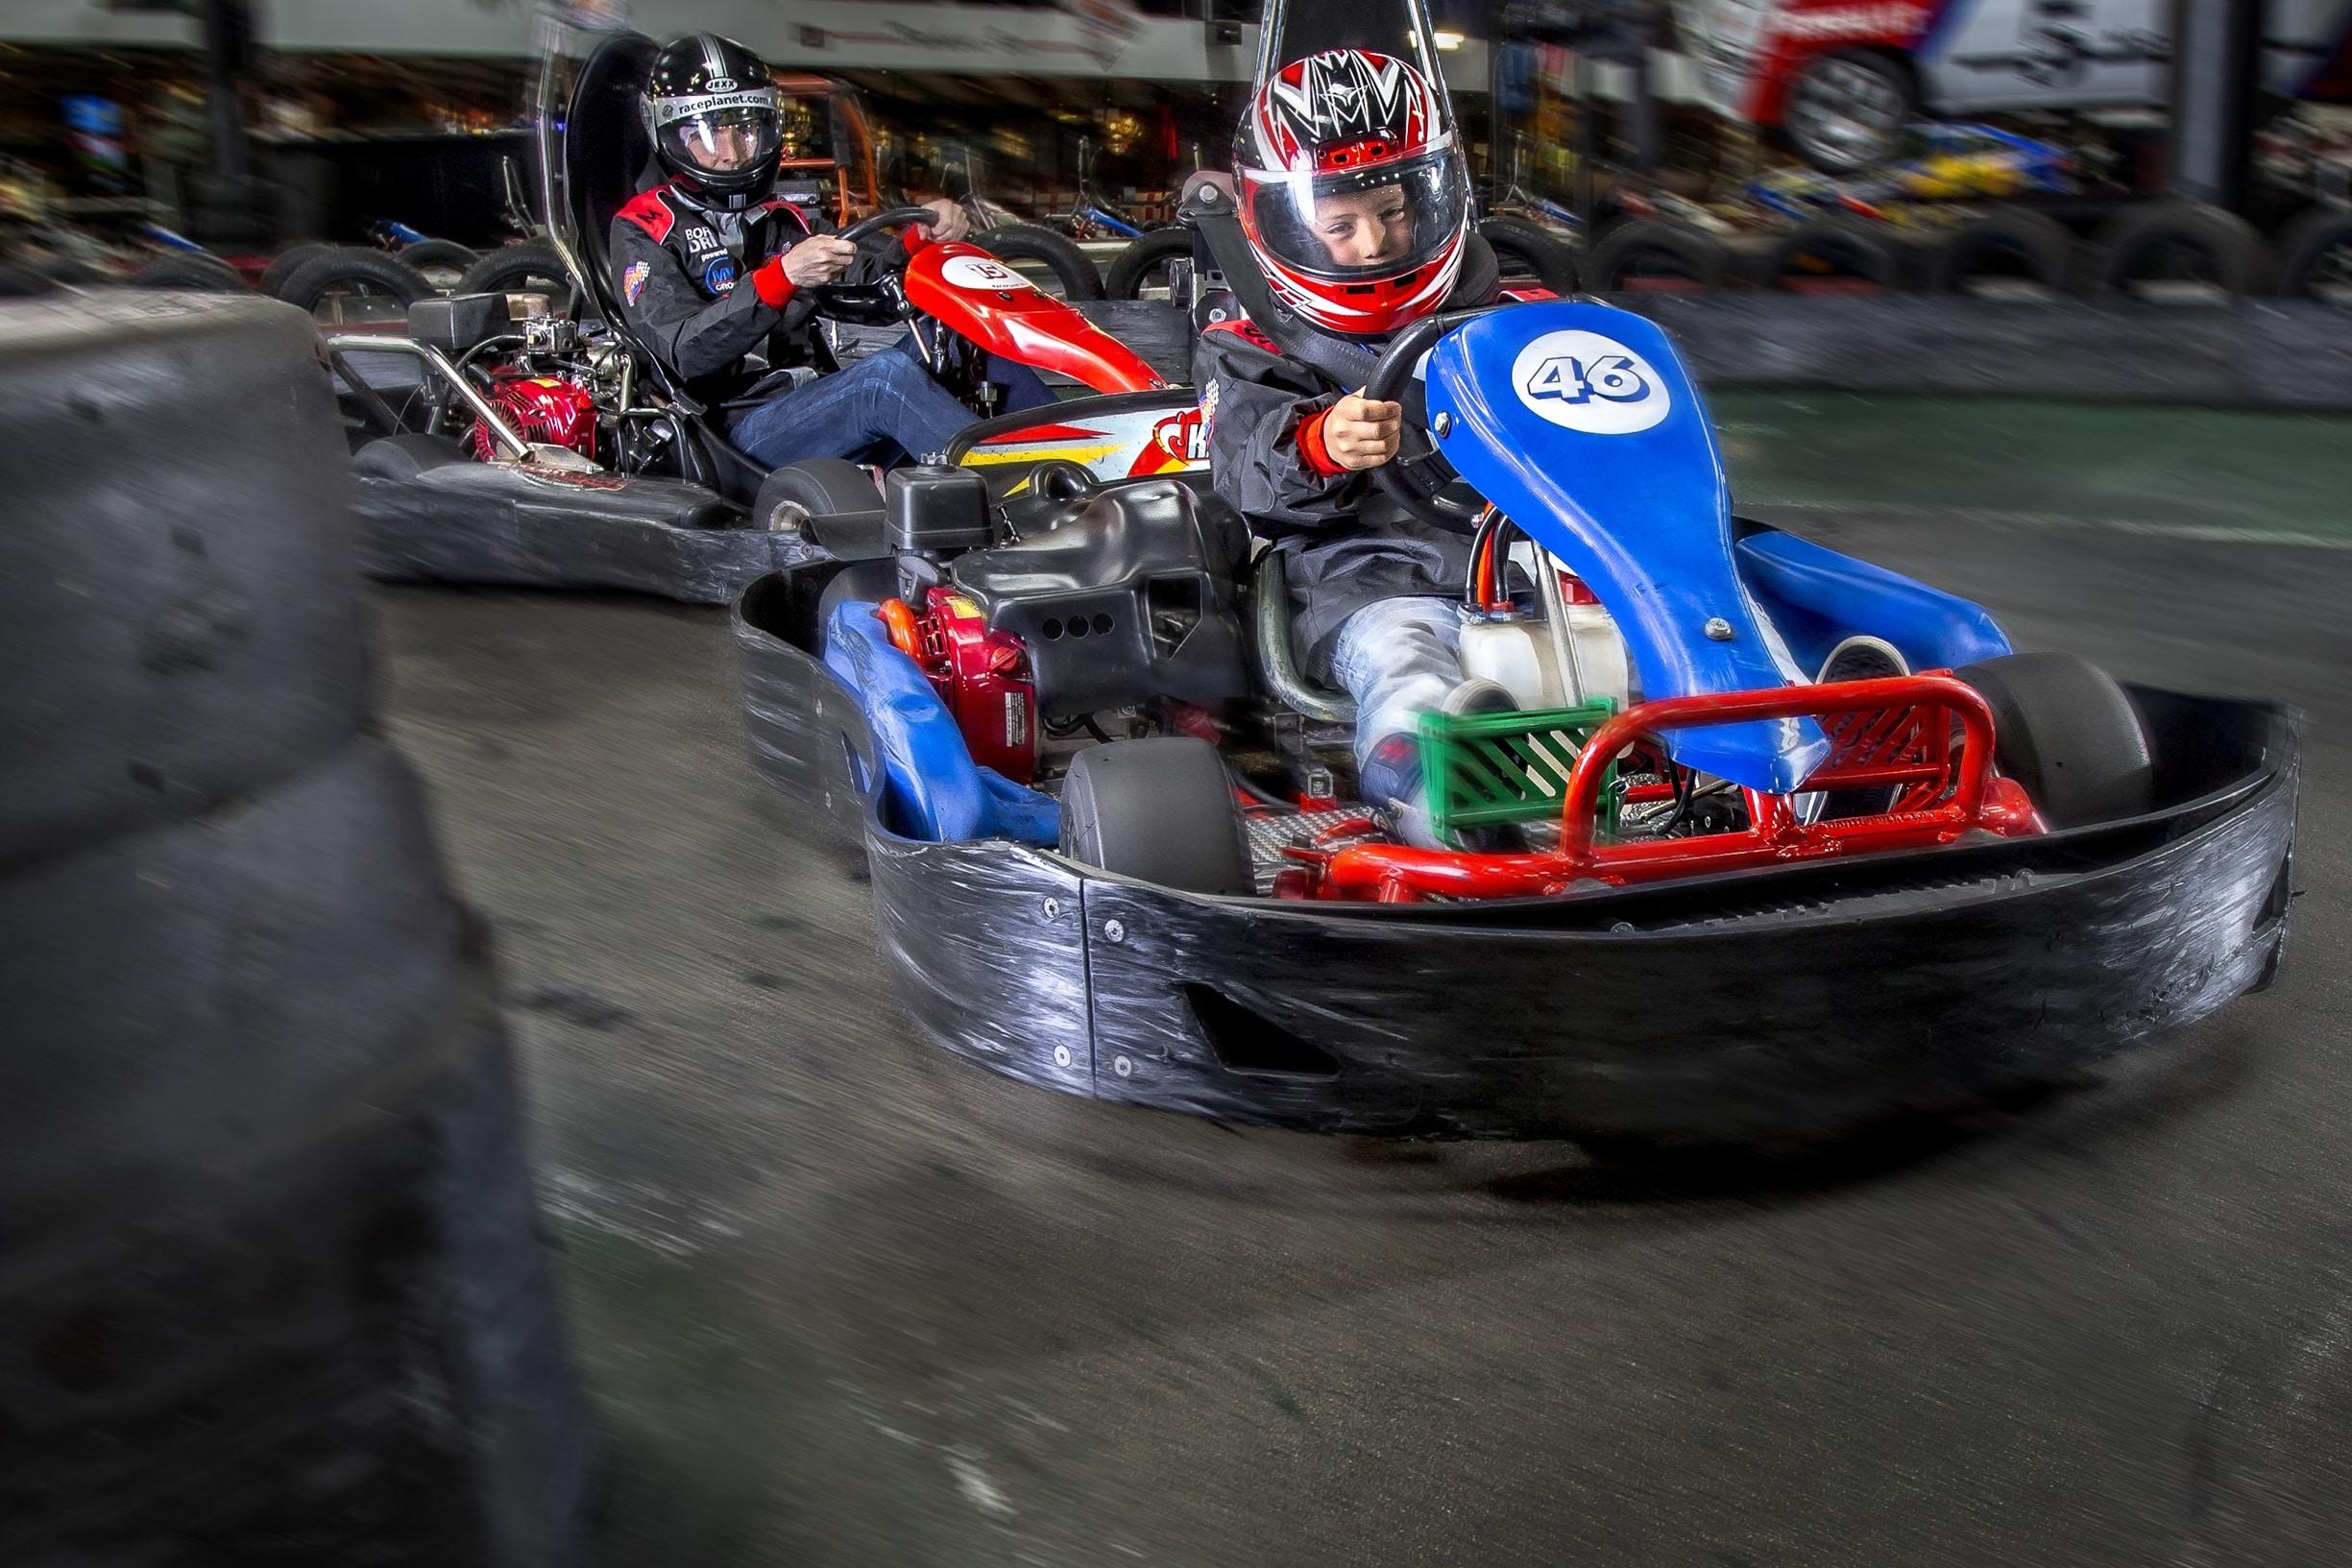 Karts in de familieheat van Race Planet waarin vader en zoon samen rijden op de kartbaan in Delft en Amsterdam